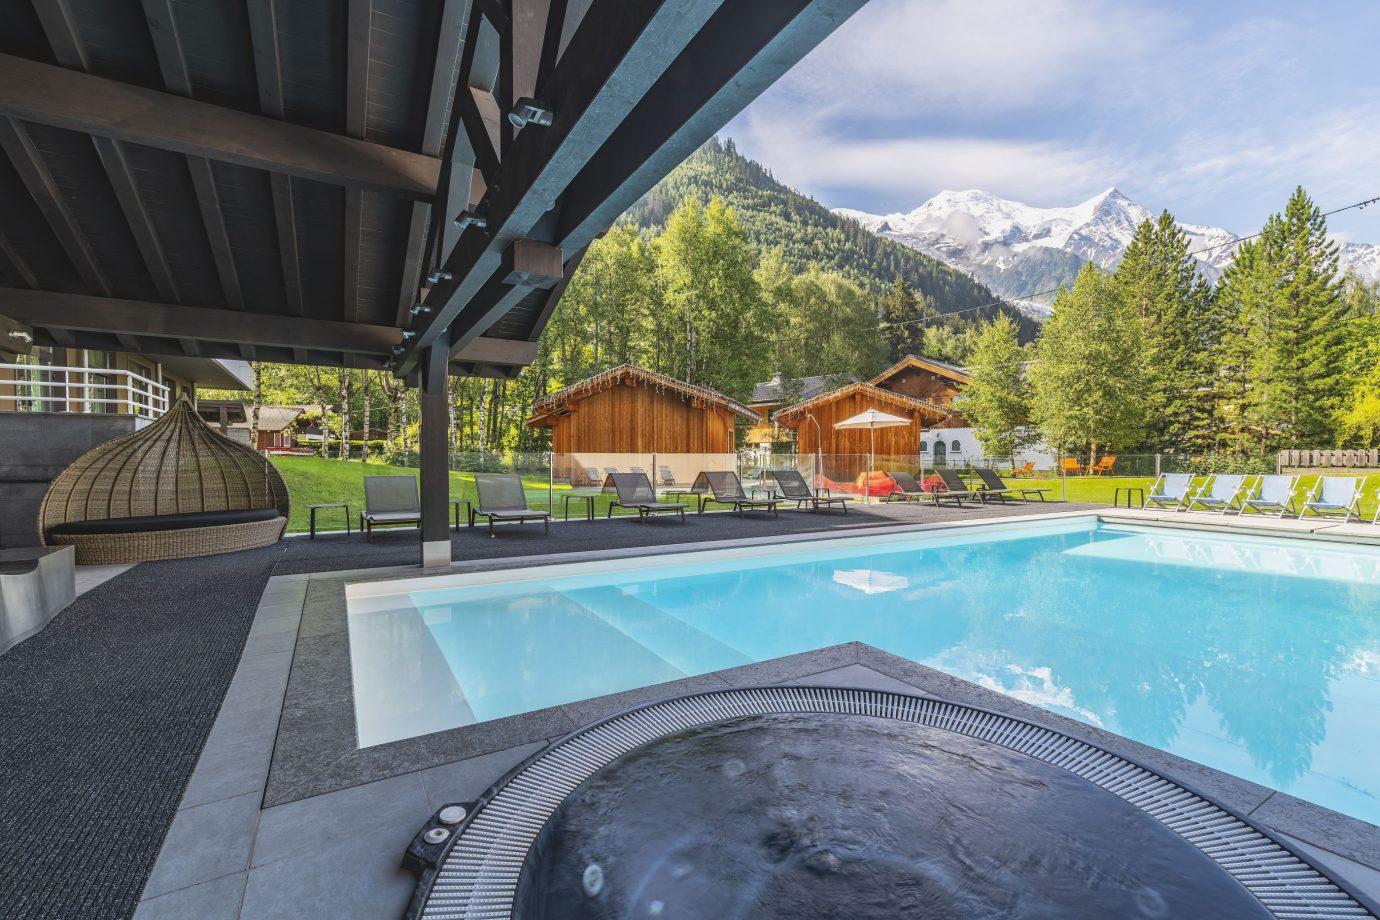 Hôtel Piscine Chamonix - Le Refuge Des Aiglons**** destiné Piscine De Chamonix